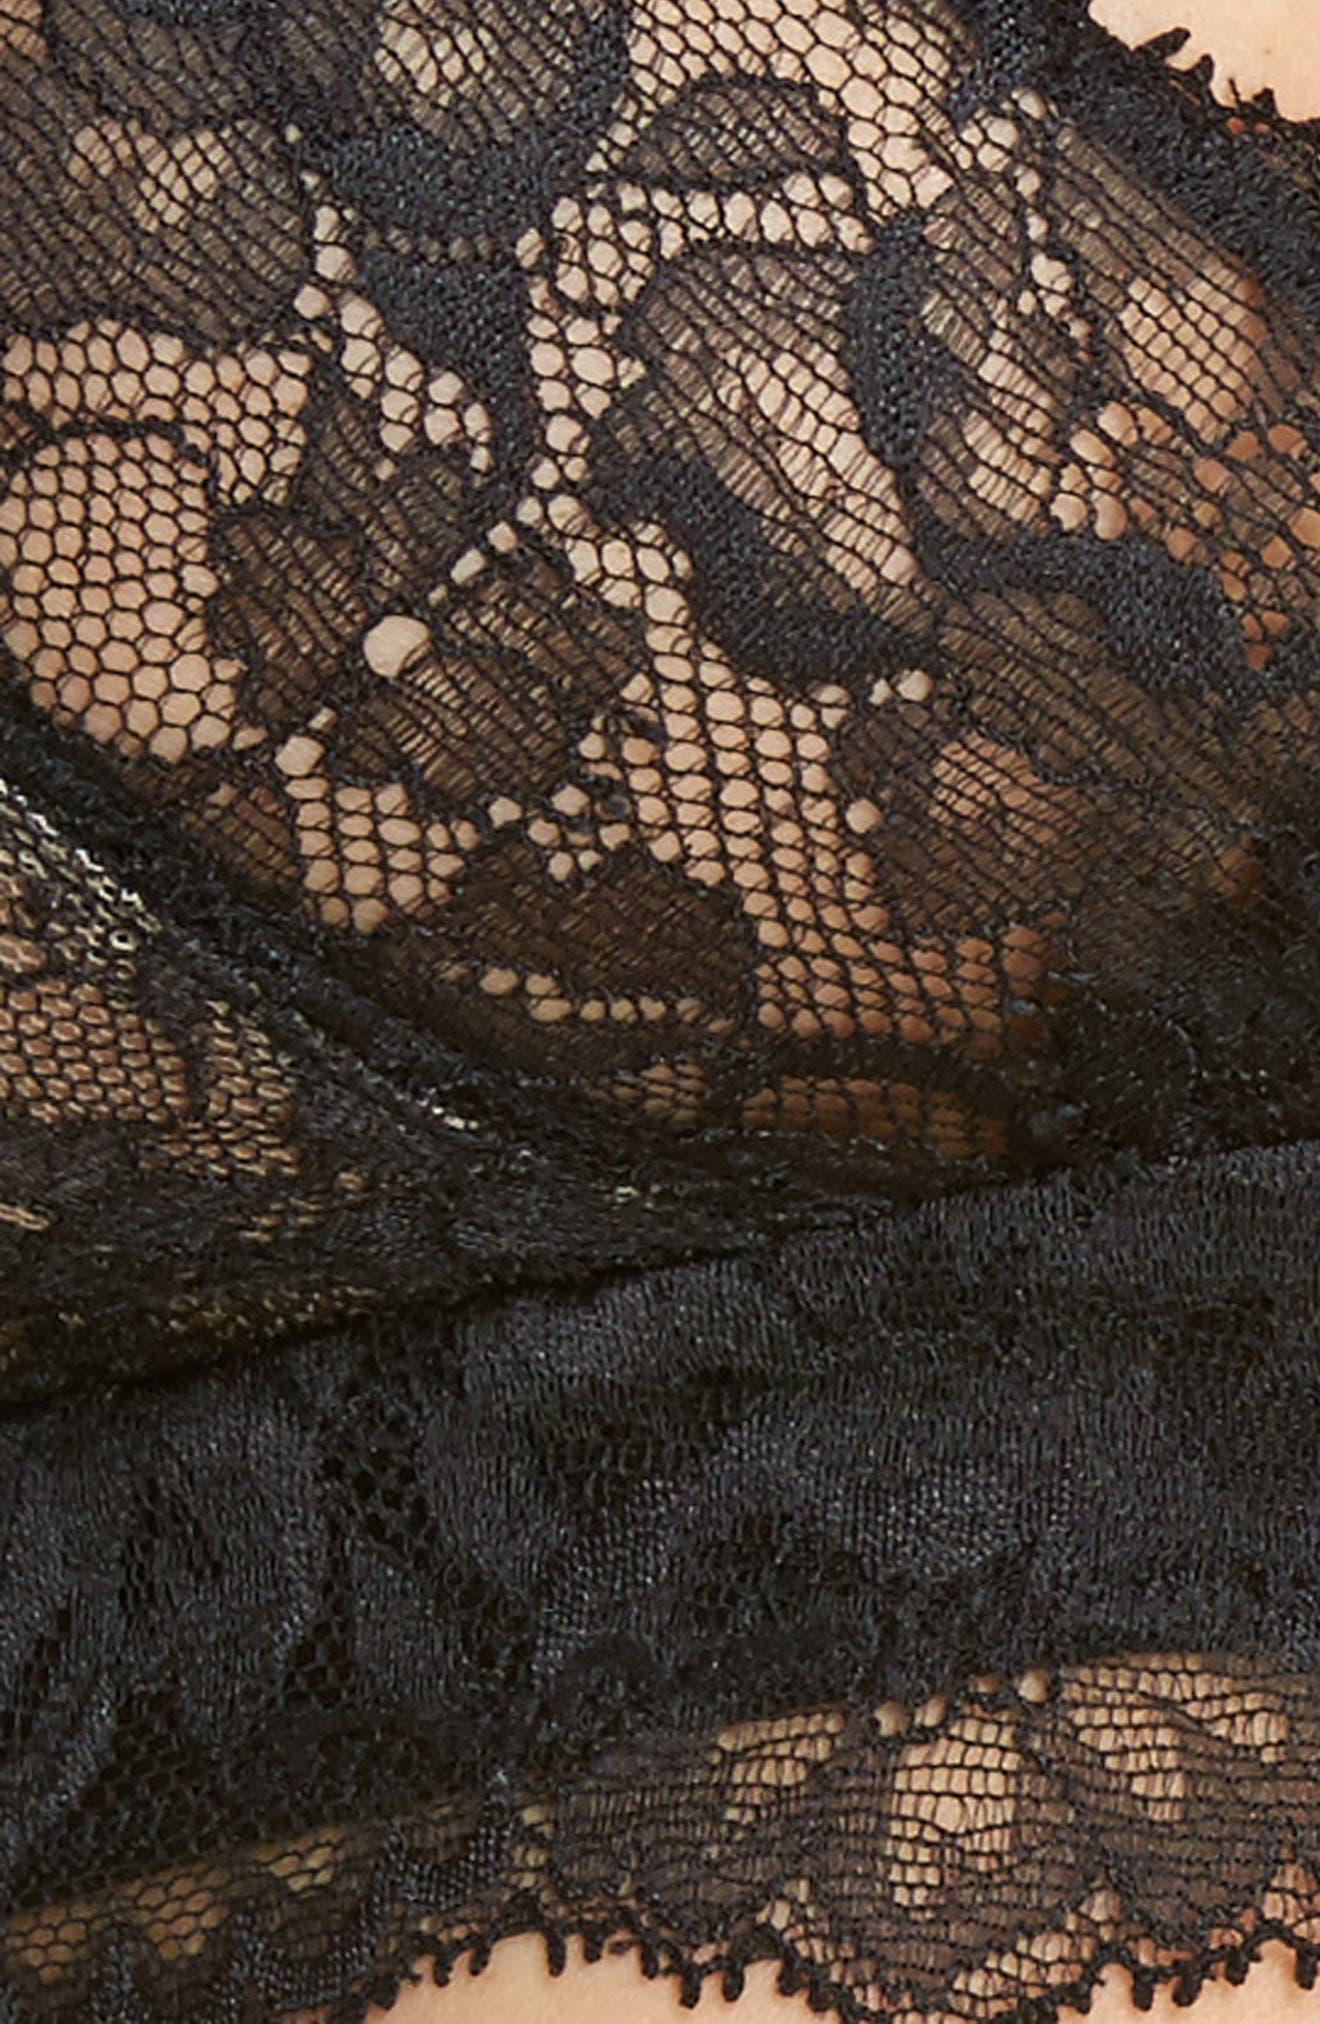 Devotion Convertible Bralette,                             Alternate thumbnail 10, color,                             Black/ Coal